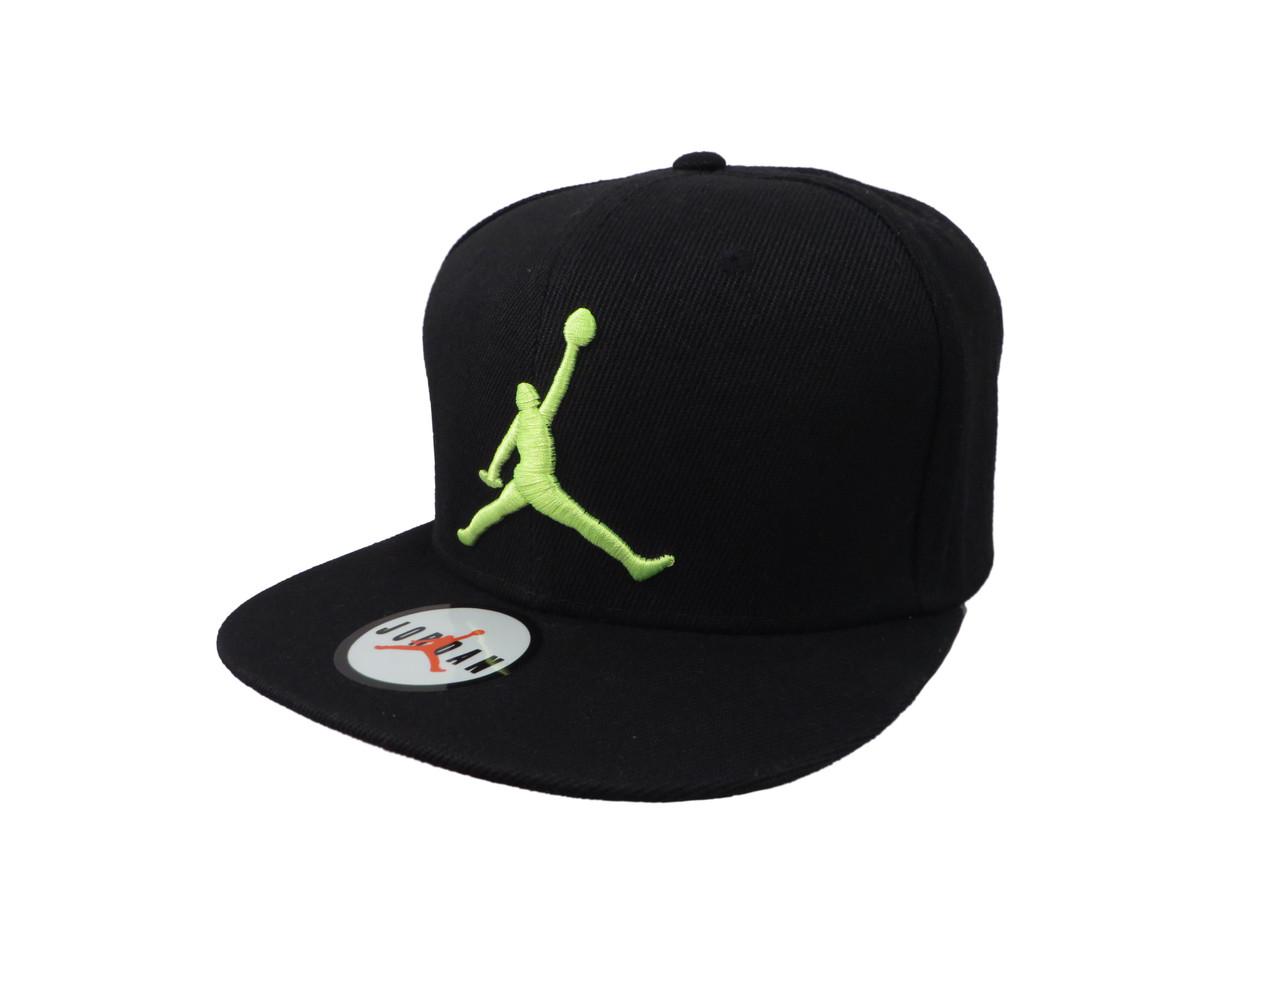 Черная кепка Jordan с салатовым логотипом (реплика)